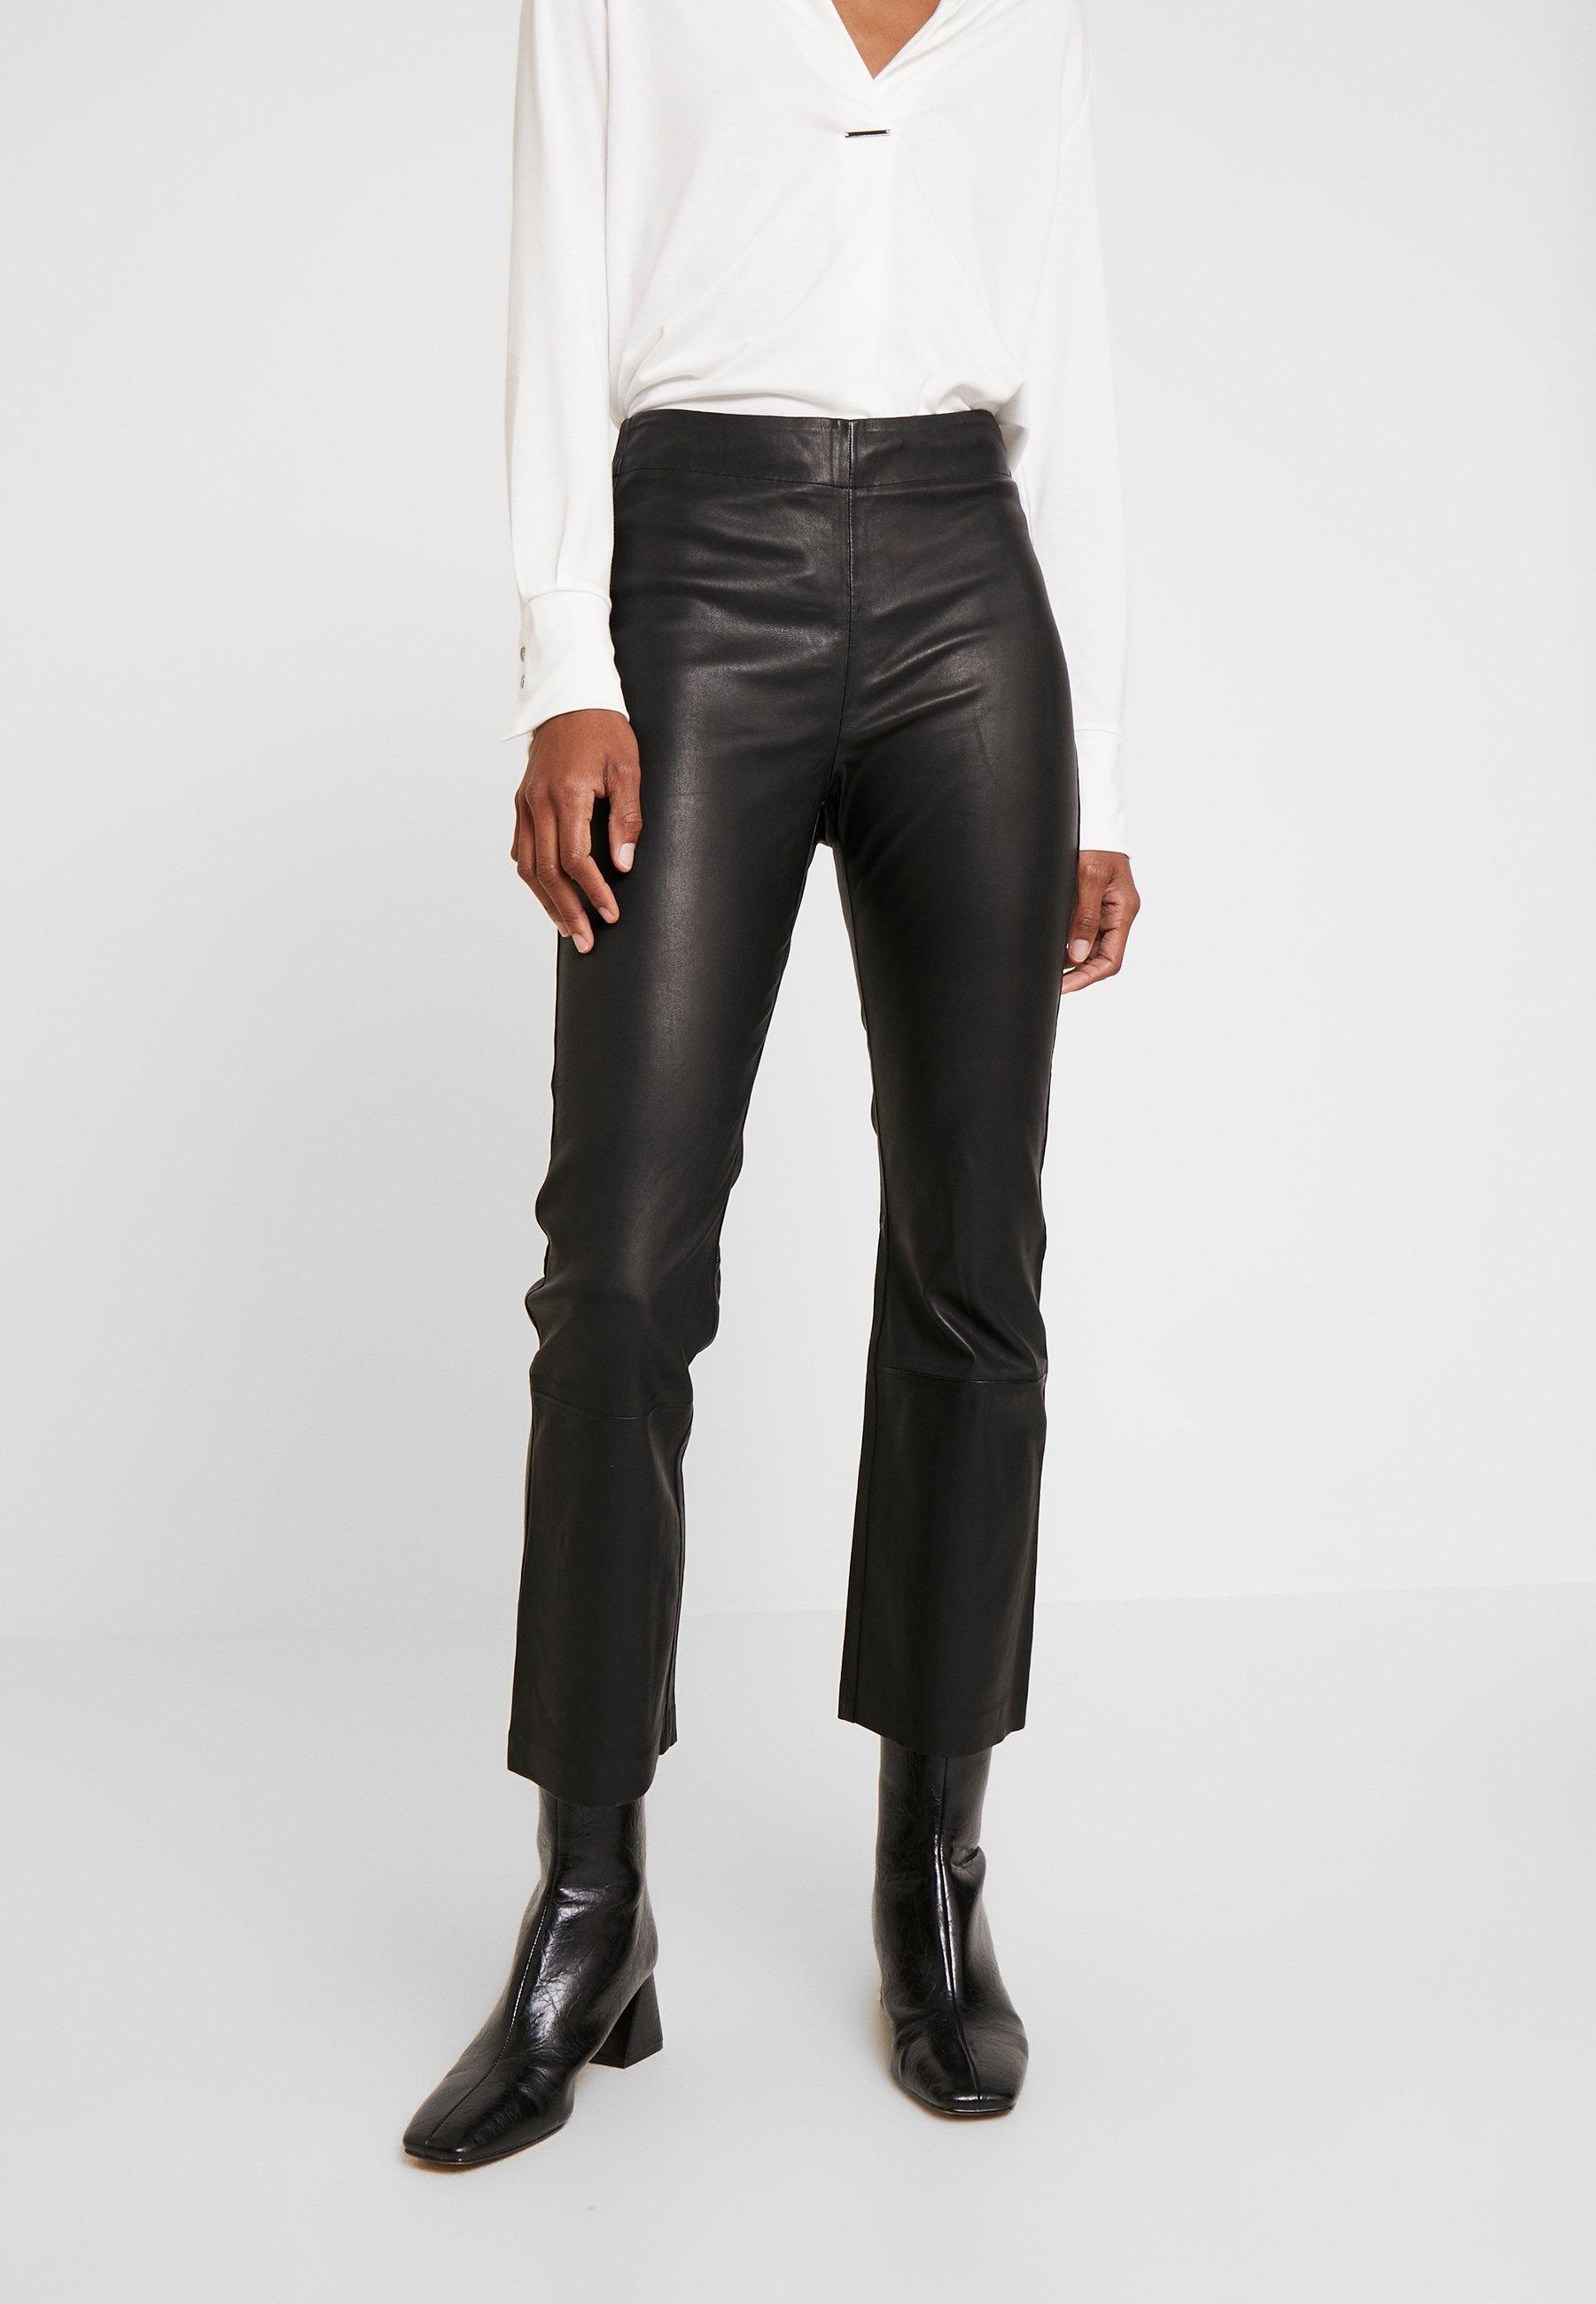 CEDAR PANT Skinnbukser black